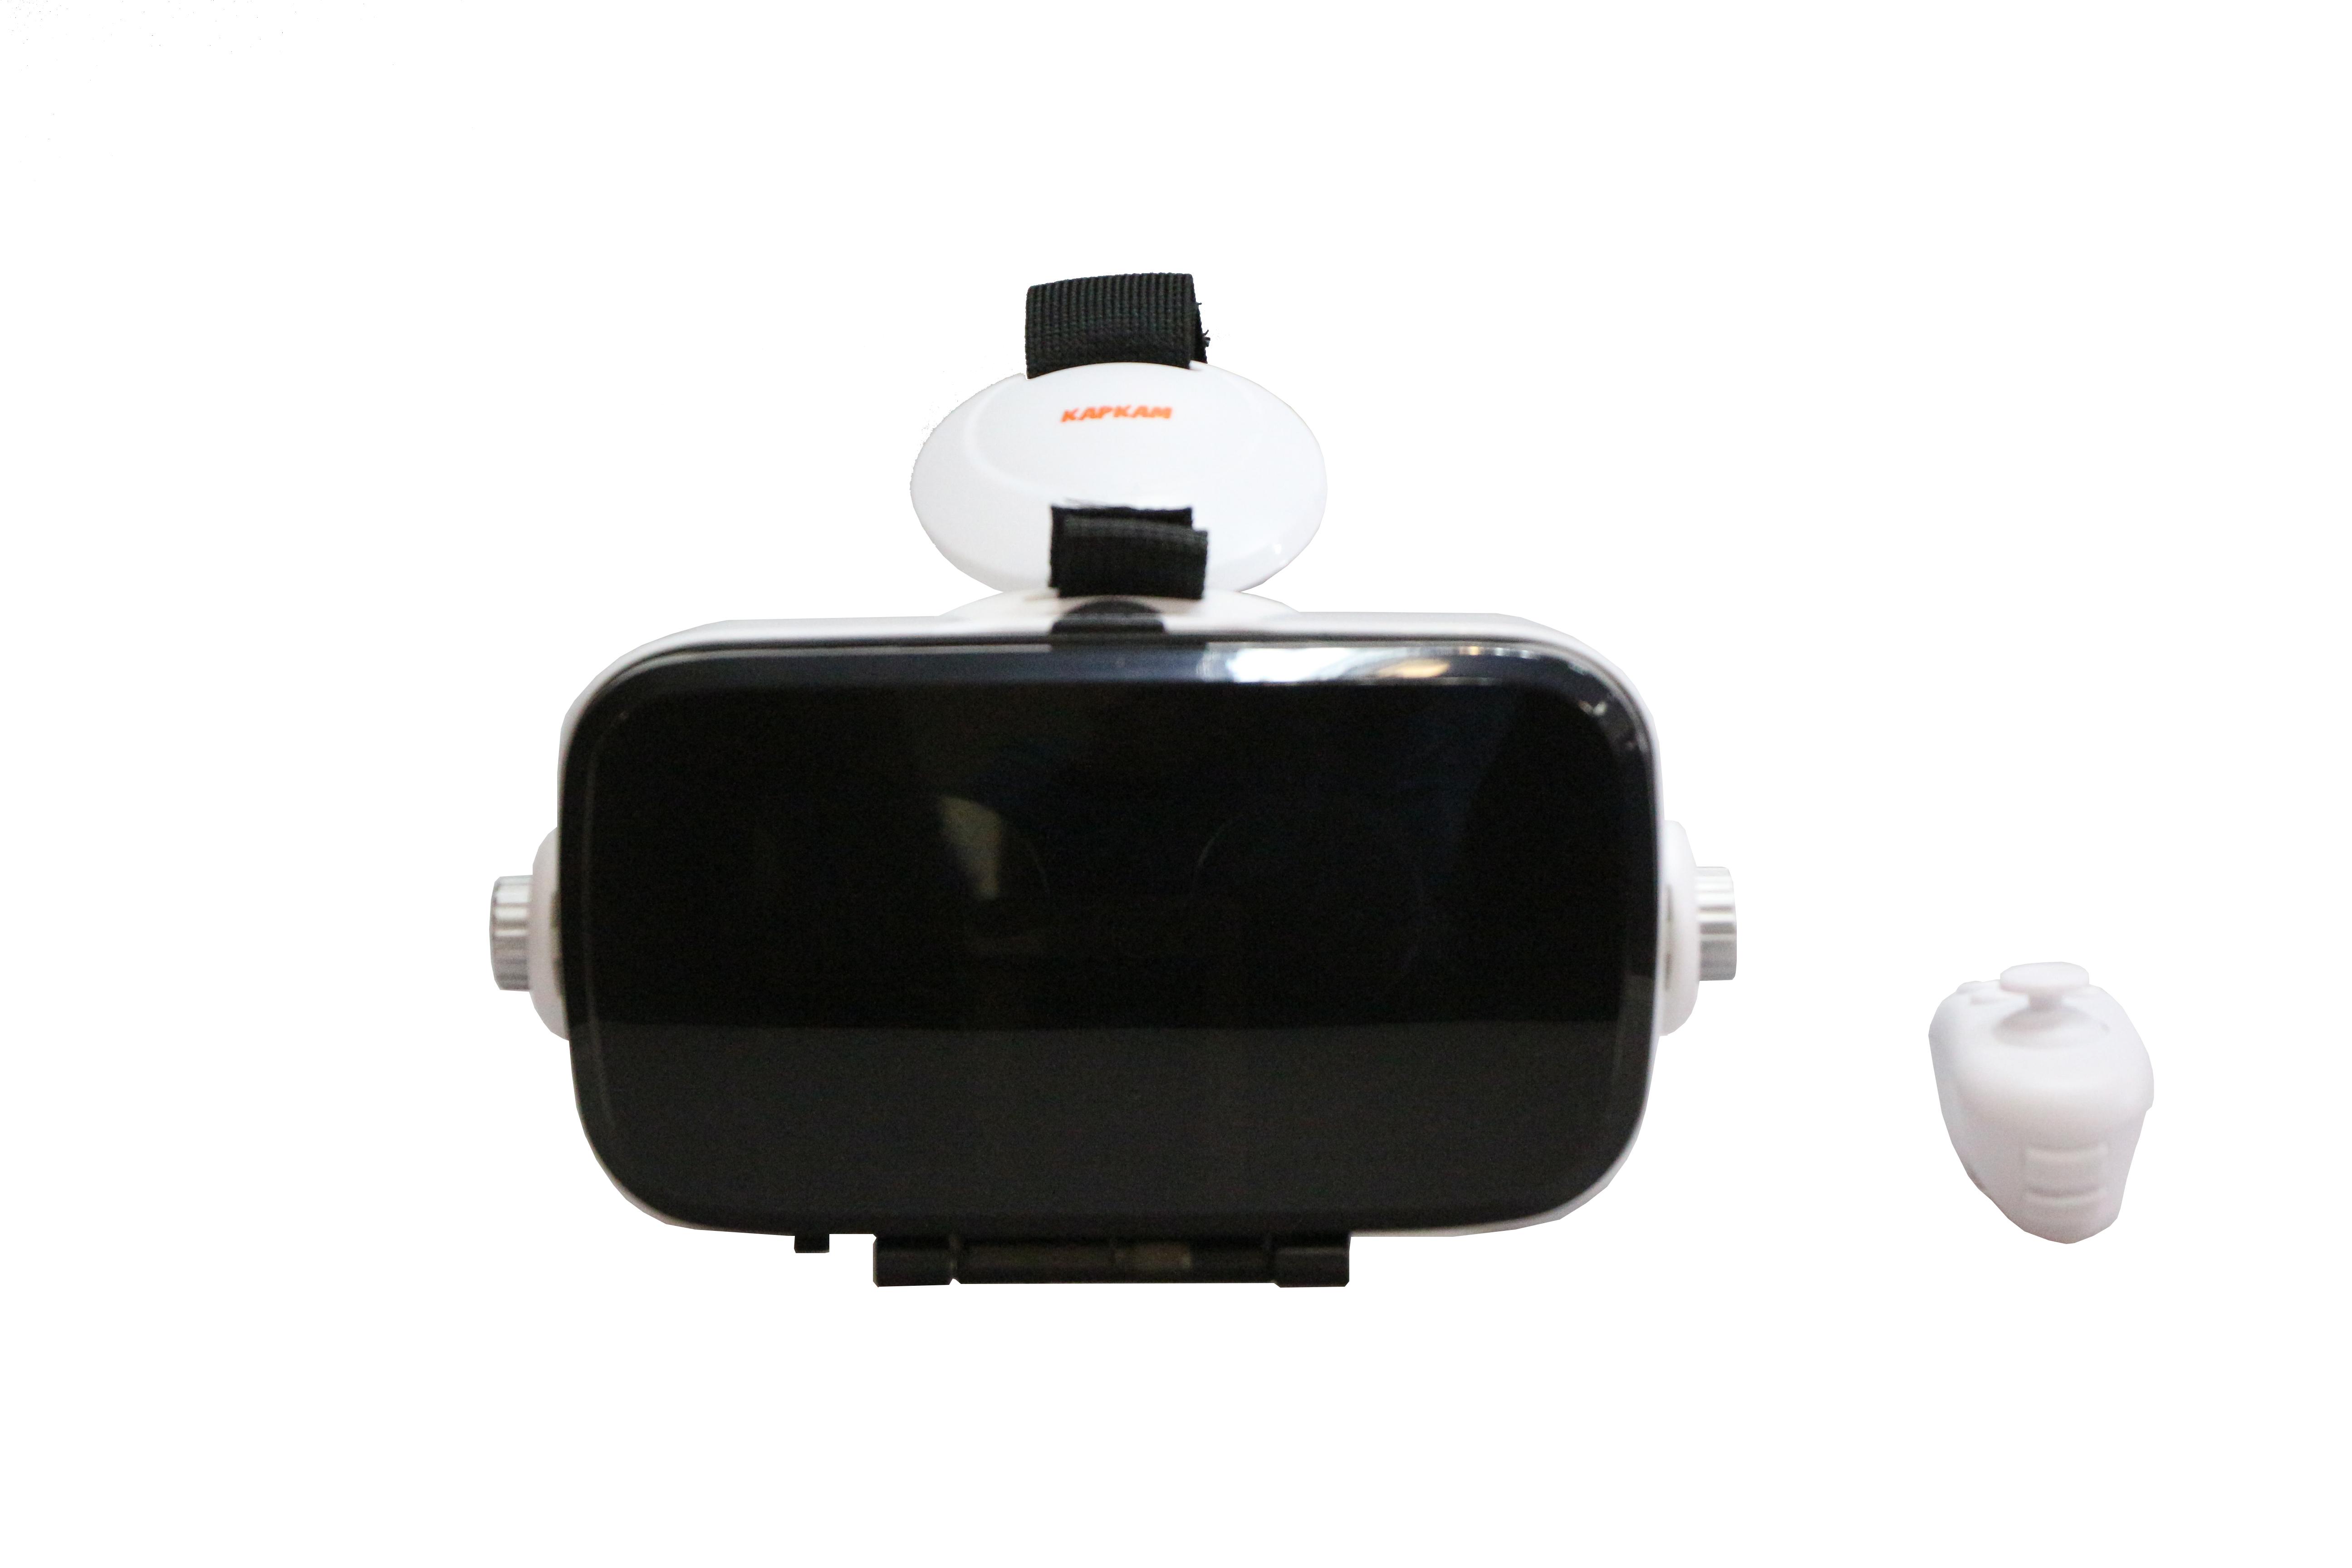 Купить виртуальные очки с пробегом в невинномысск кабель android для дрона mavic air